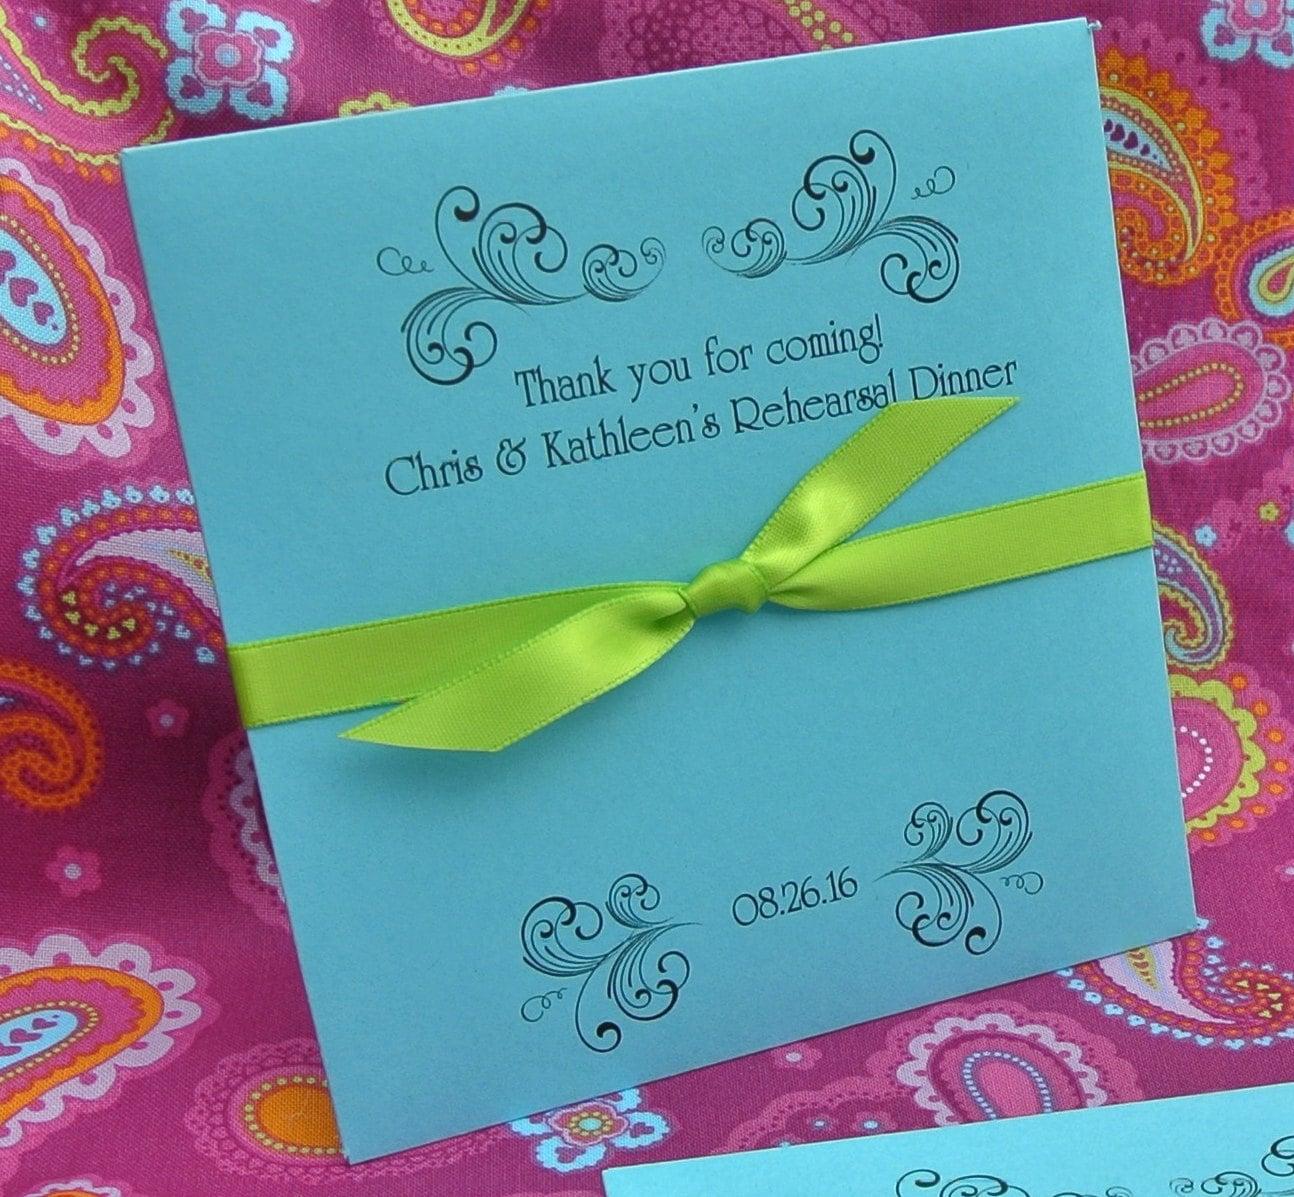 Wedding Rehearsal Dinner Gifts: Wedding Rehearsal Dinner Favors Lottery Ticket Envelopes